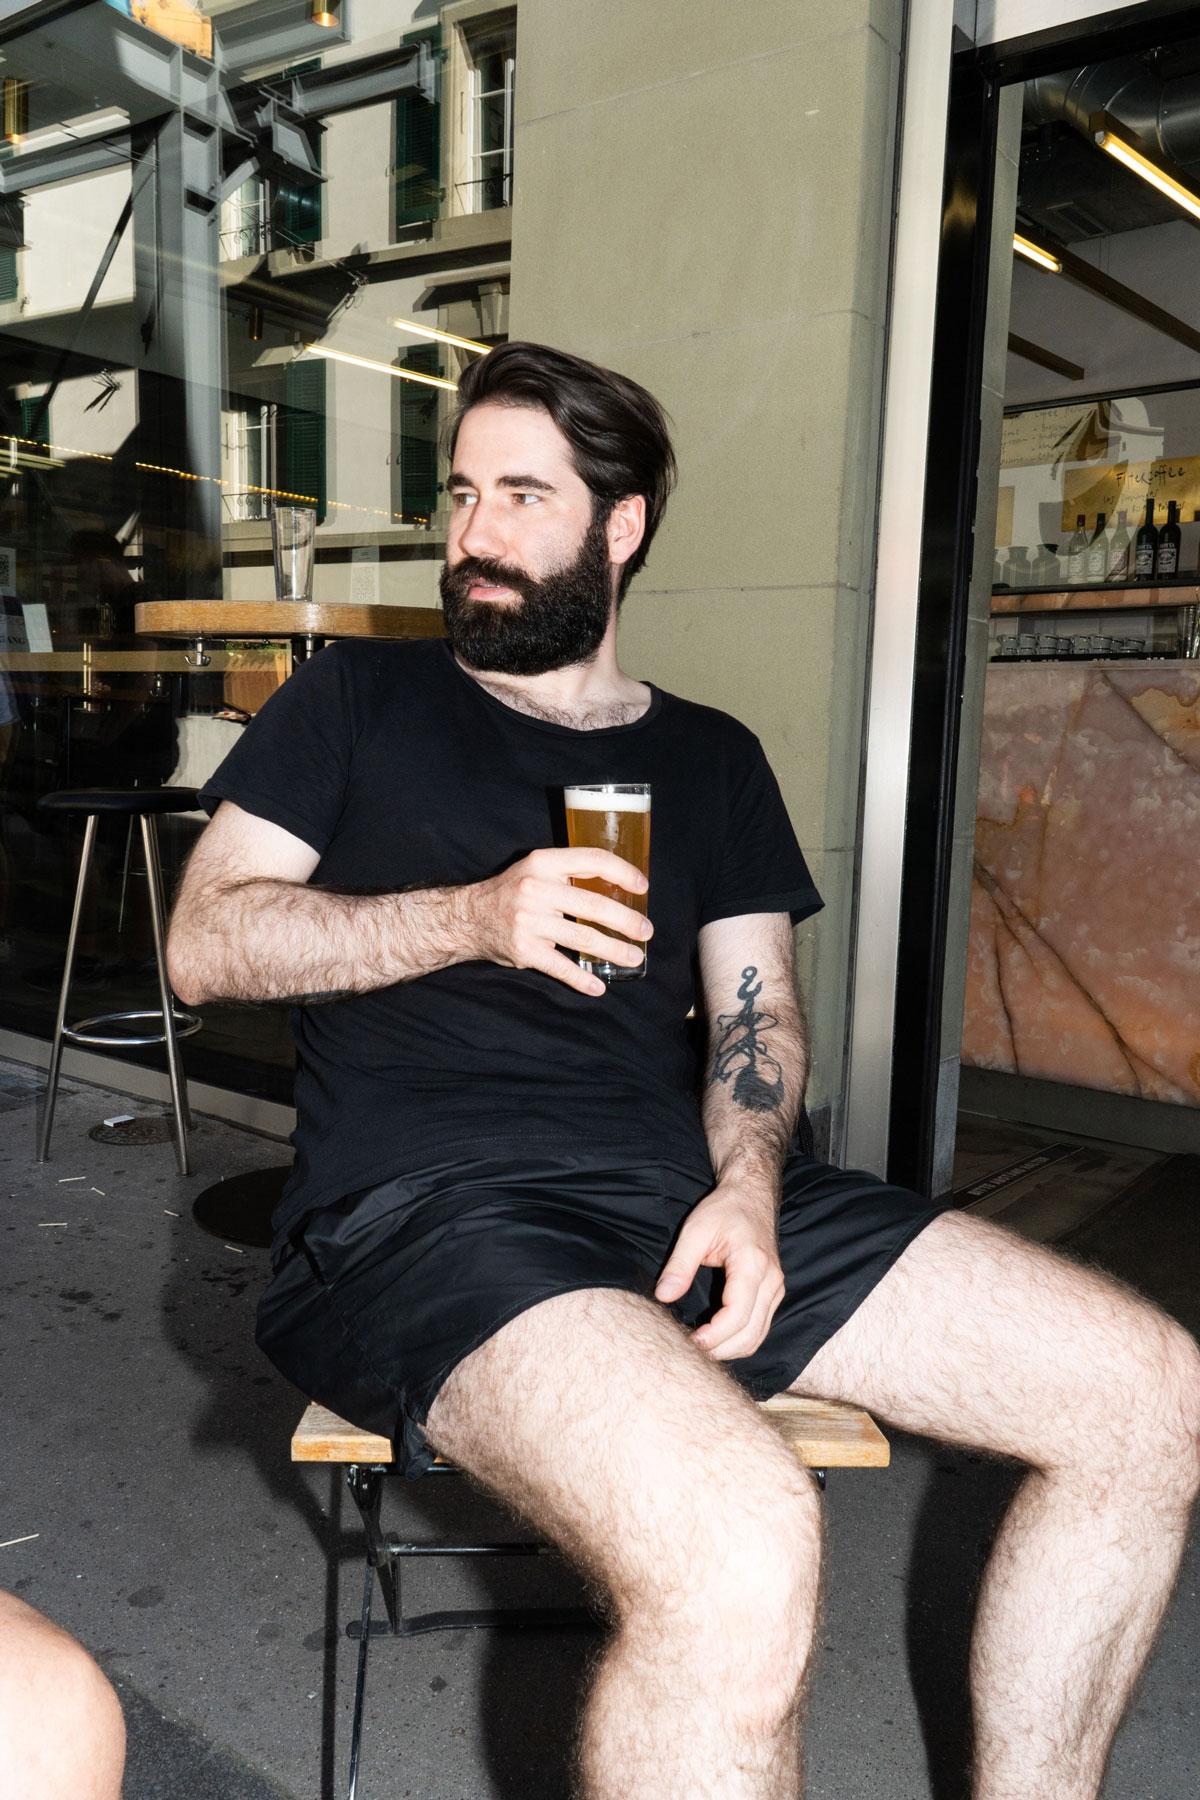 Versa Bar Bern Gast Bier trinkend